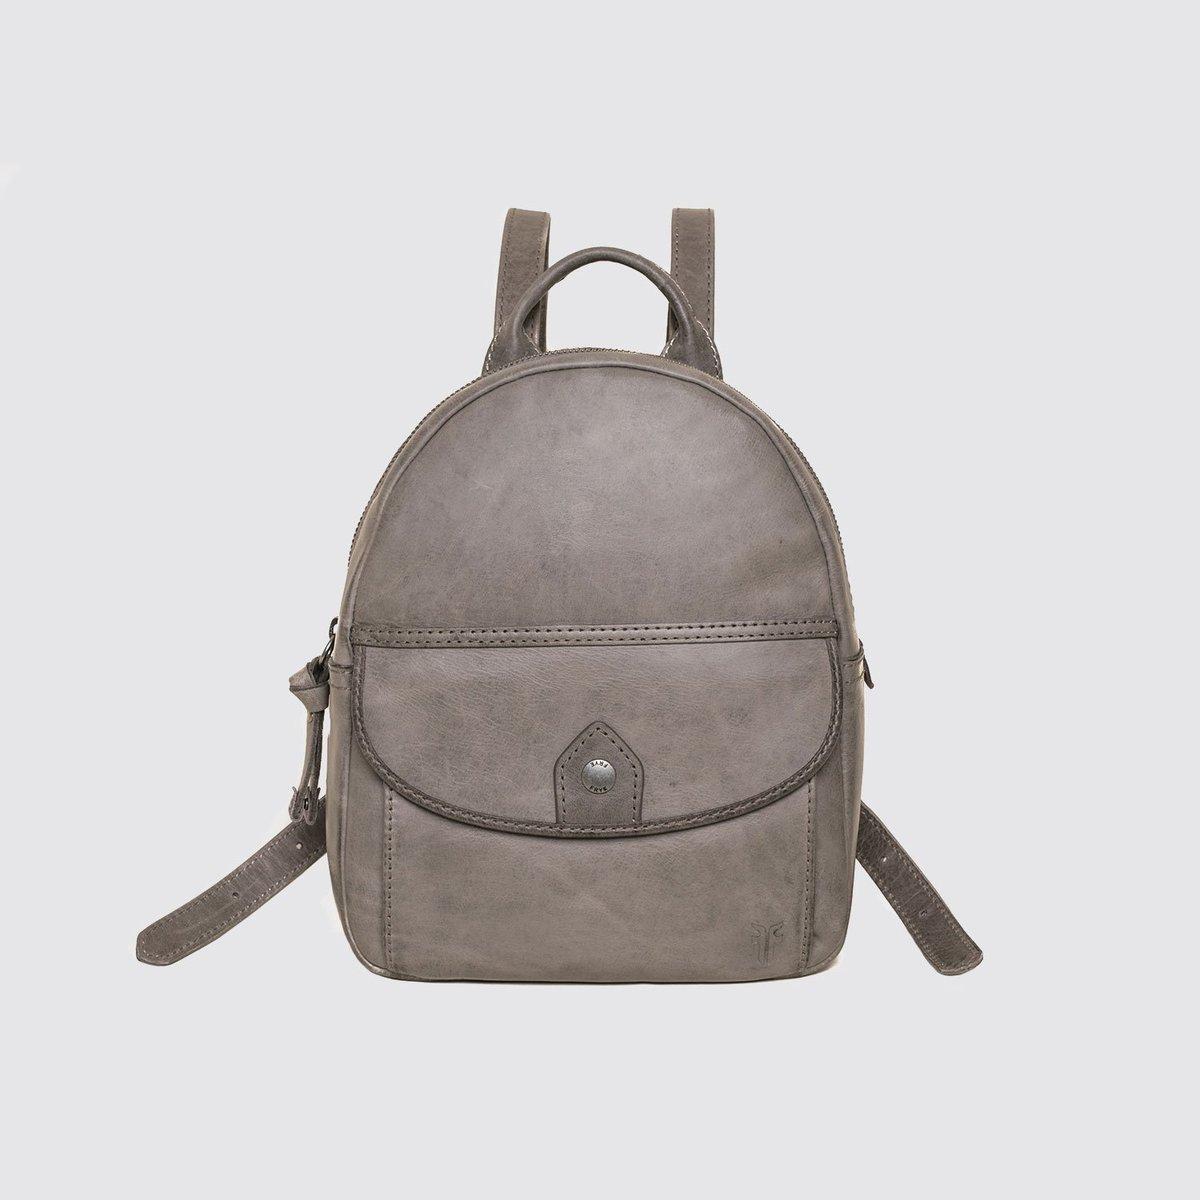 2916efb3a6 Frye Melissa Mini Backpack - Ice